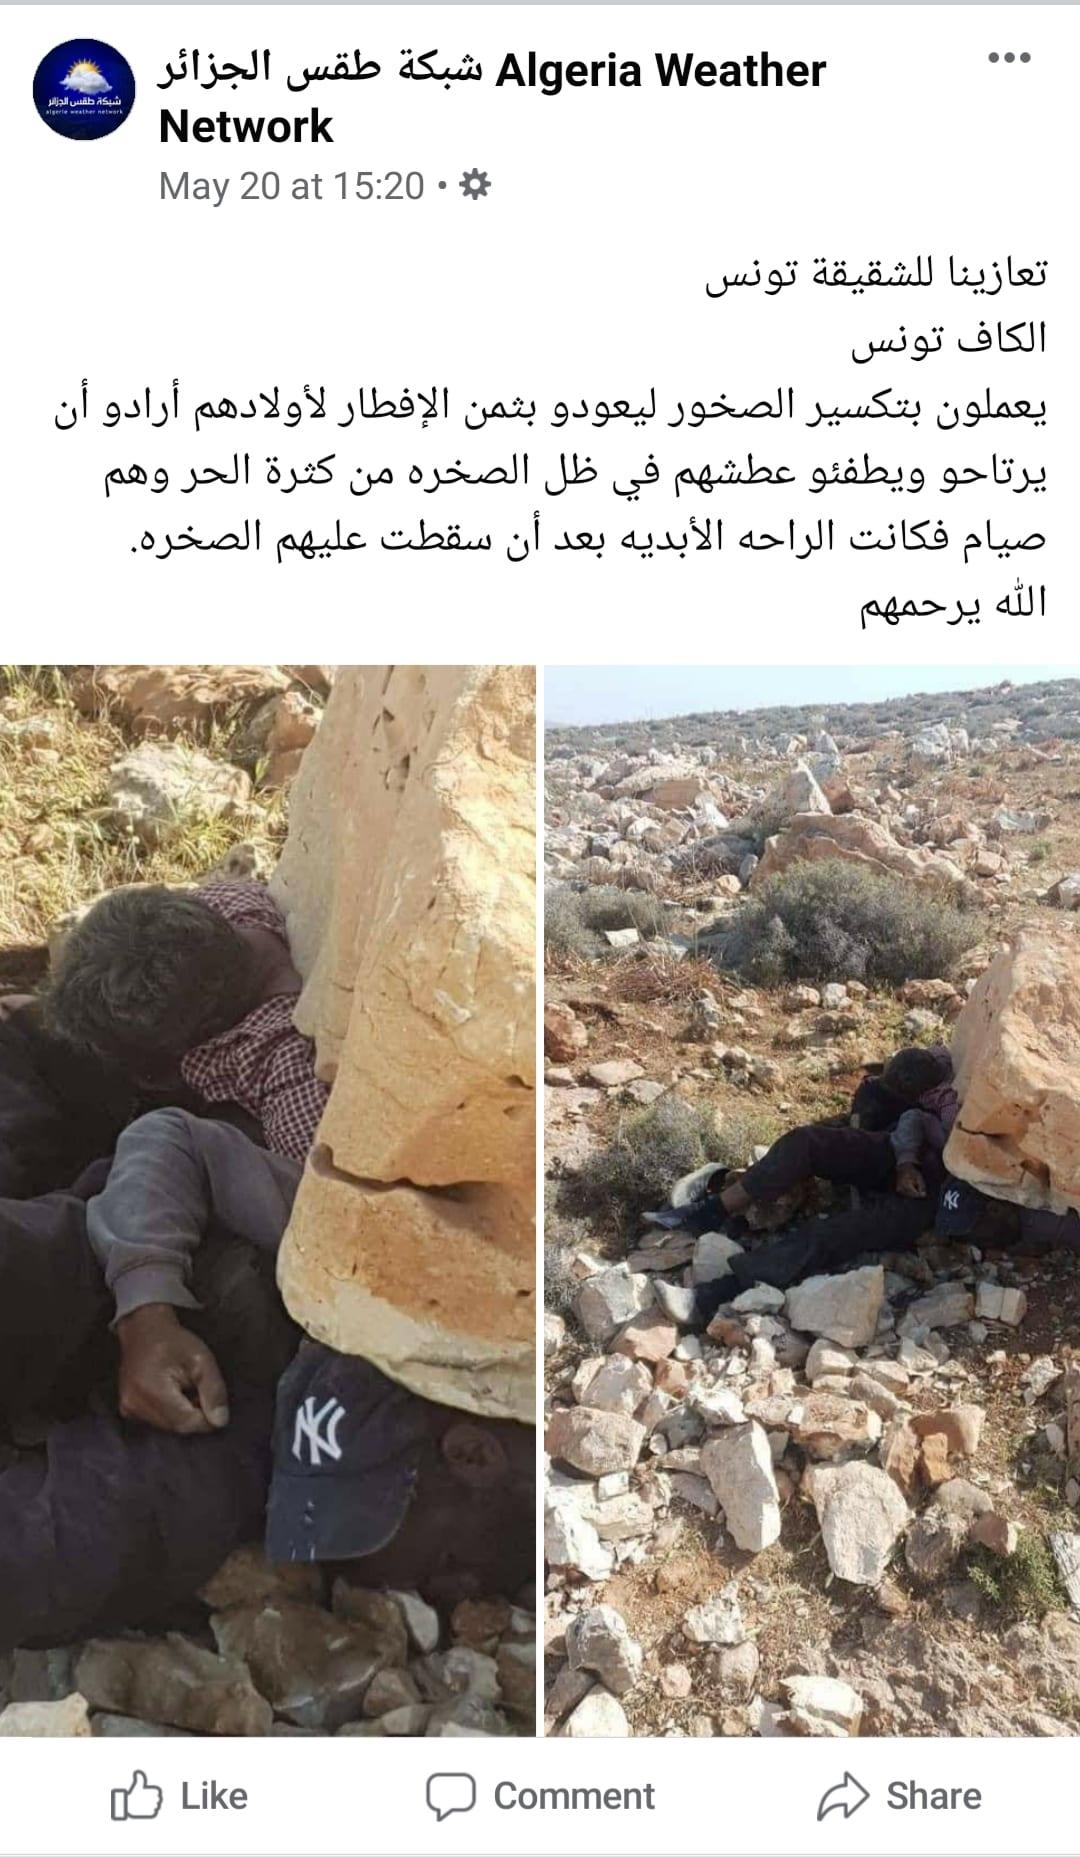 الصورة جثتي شقيقين تقطيع الحجارة بسوريا